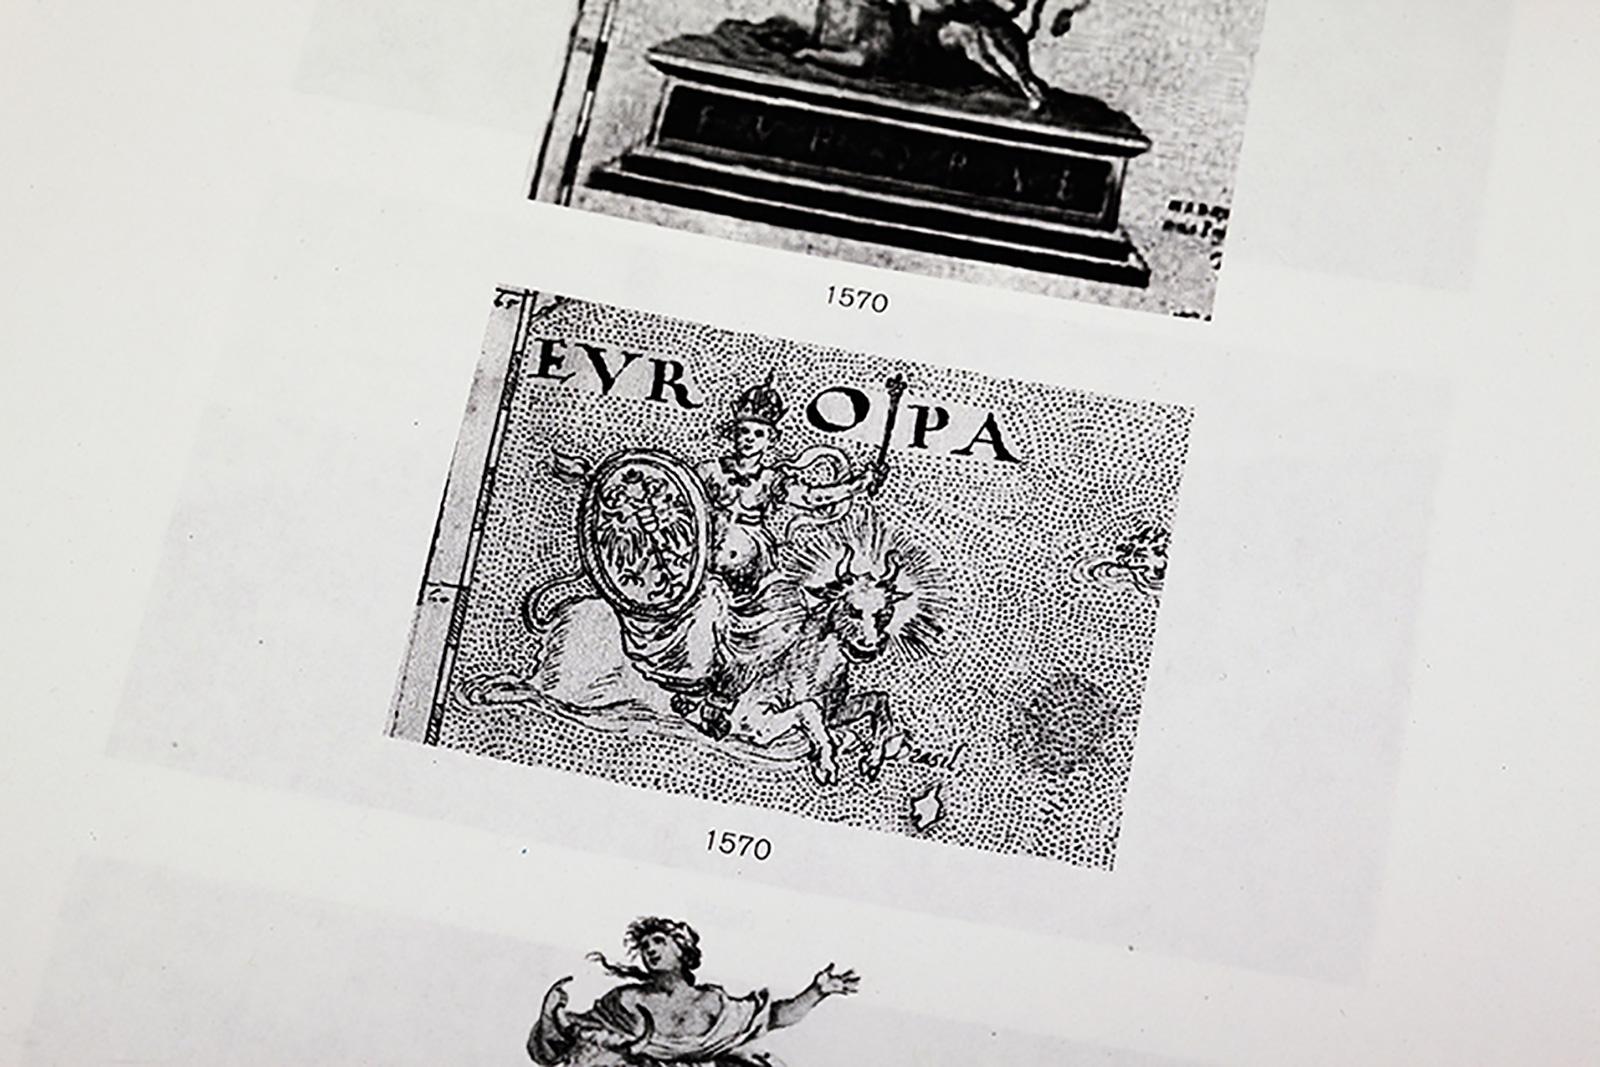 europa-eu-atlas-book-wilco-monen-06.jpg